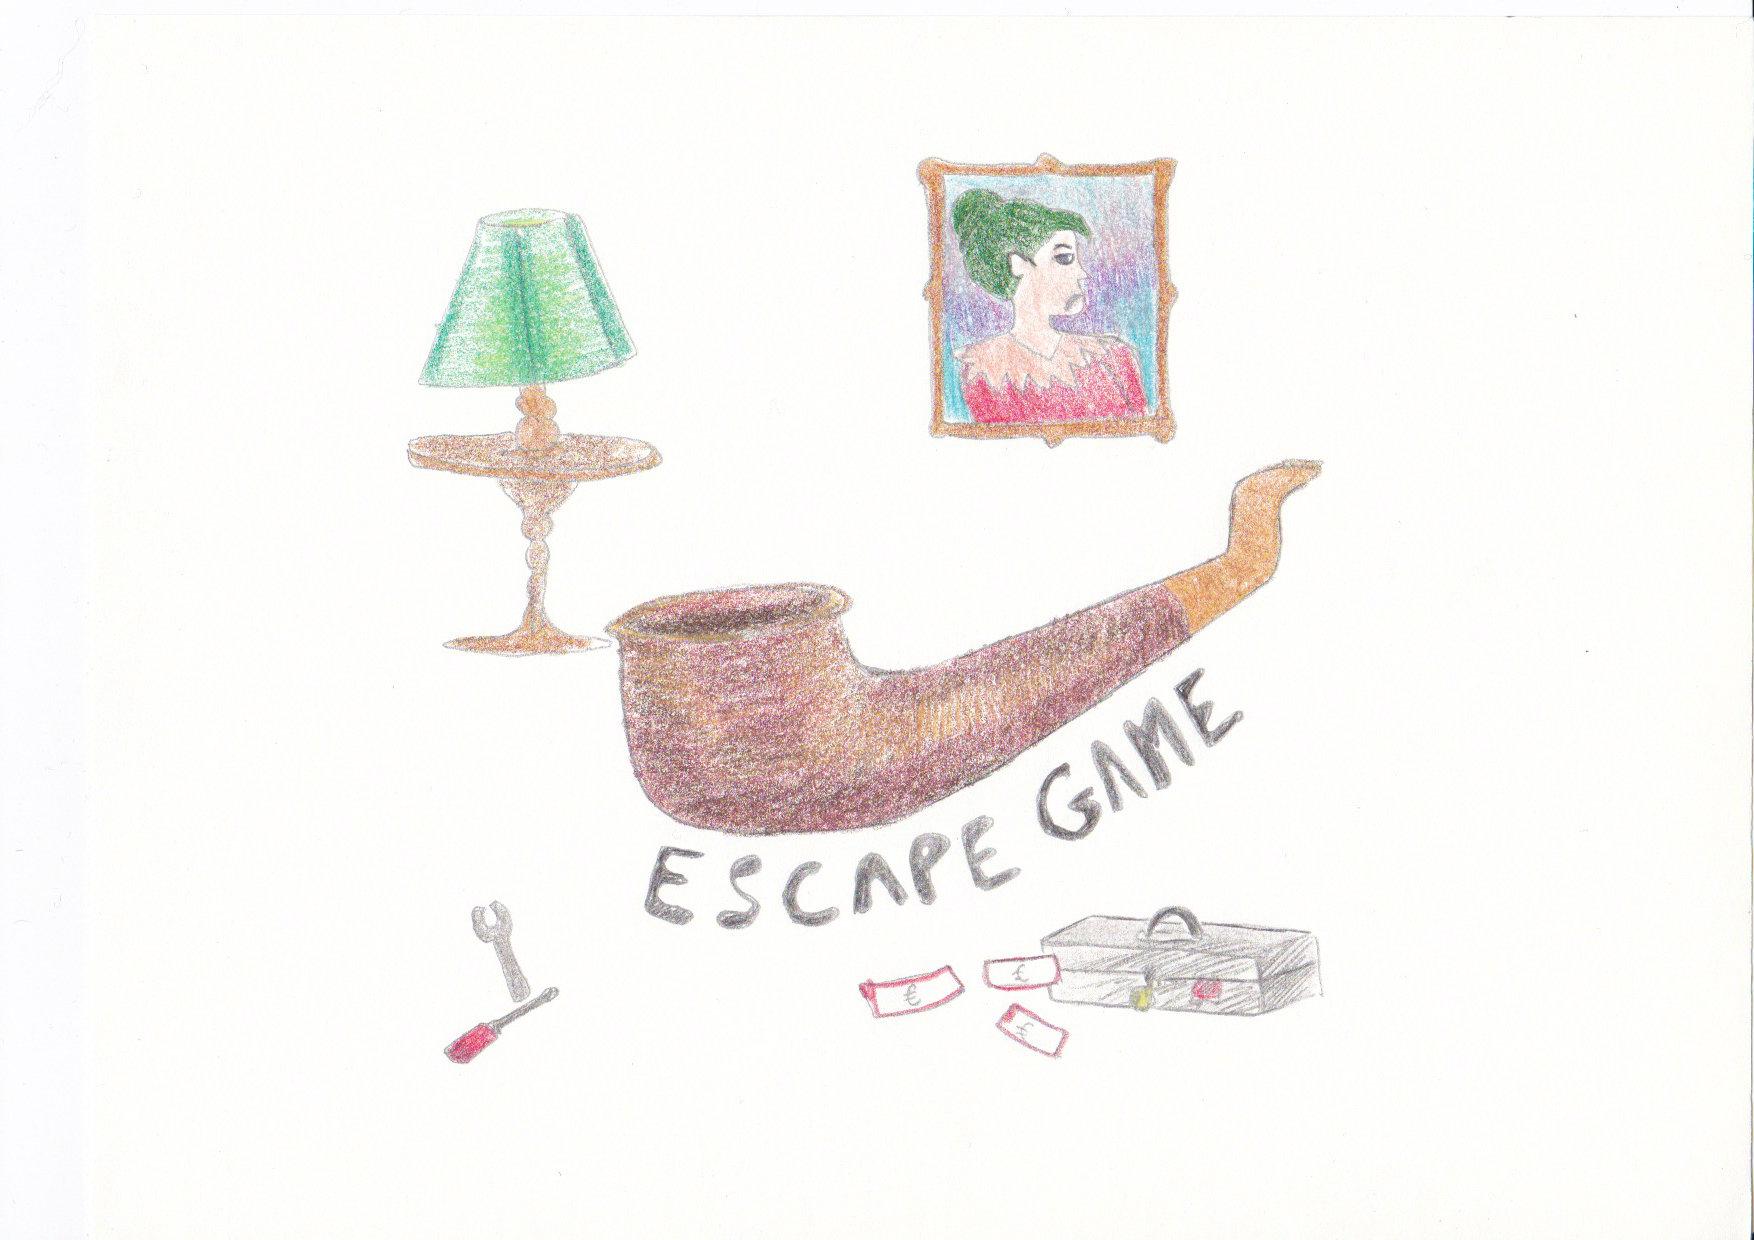 5 raisons pour lesquelles vous ne devez PAS faire d'Escape Game